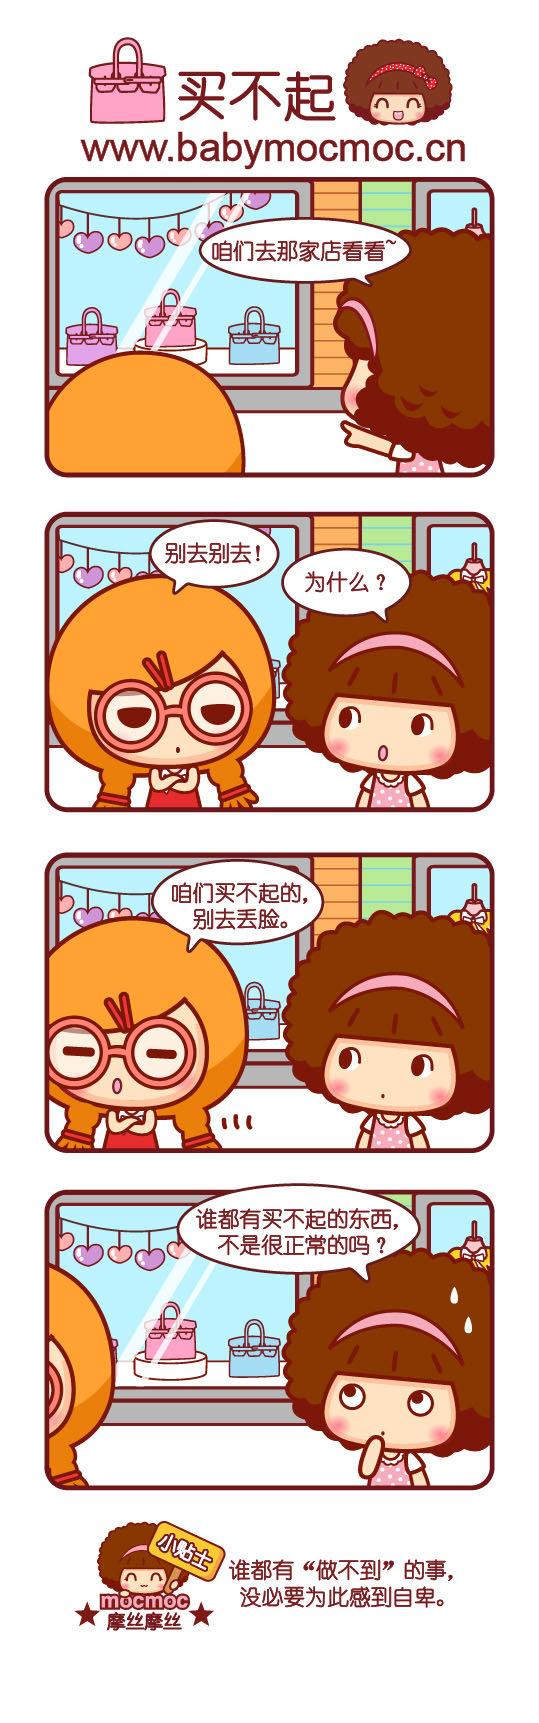 摩丝摩丝漫画~4月